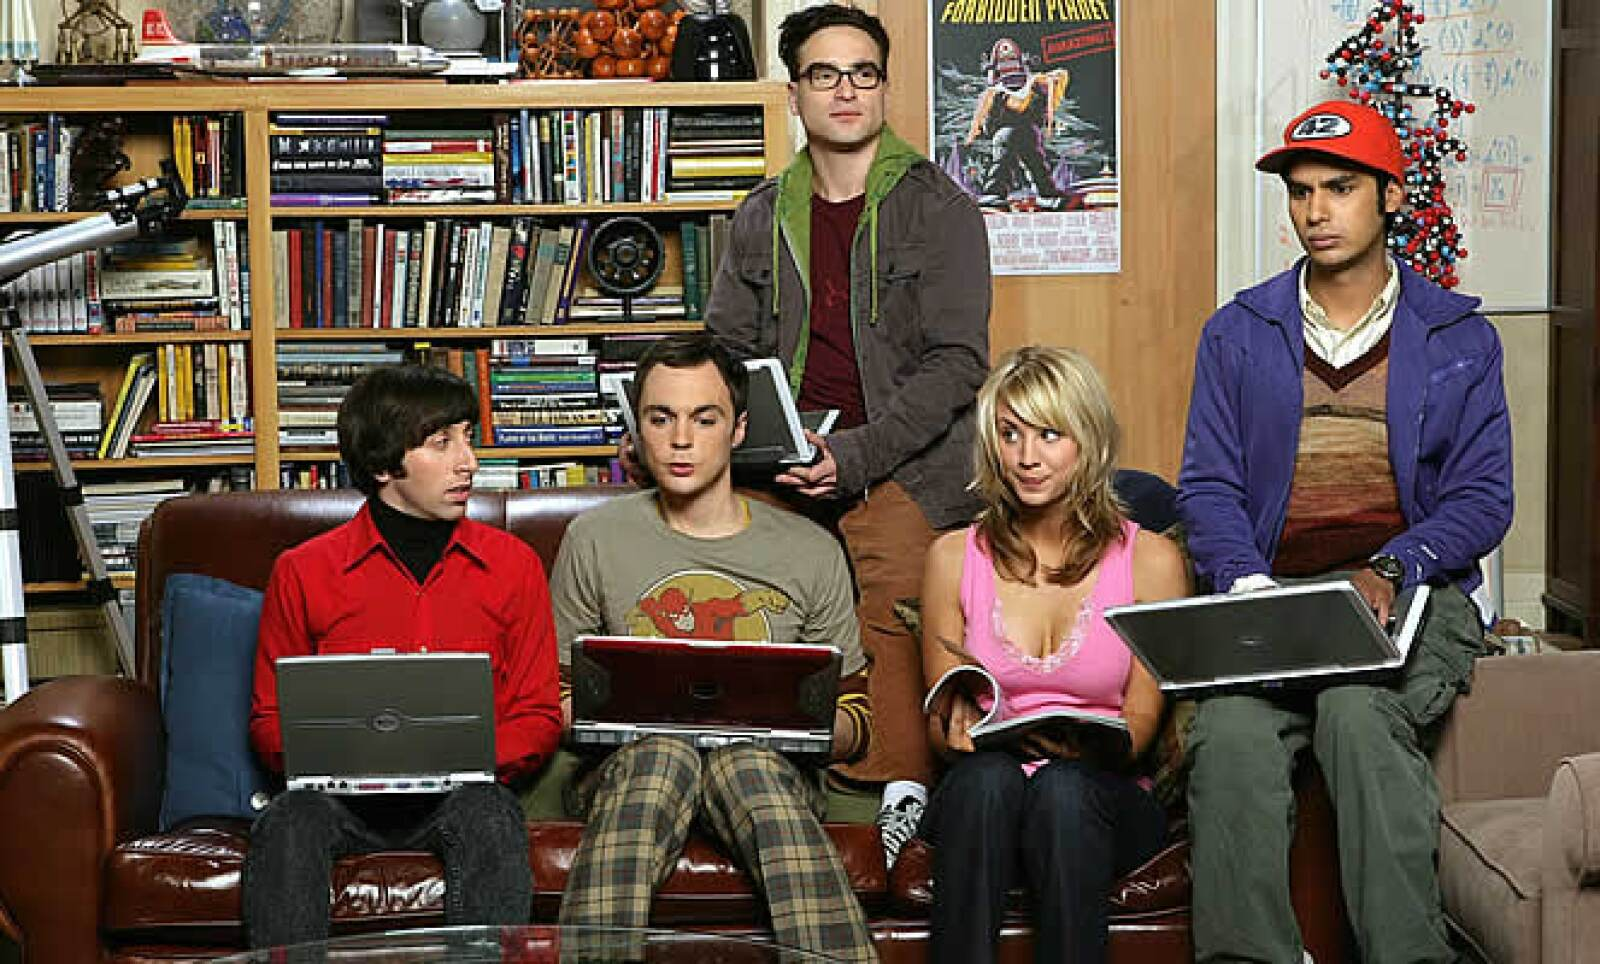 La serie donde cuatro científicos tienen que sobrepasar las problemáticas de la vida diaria, acompañadas de una bella mesera. Cada actor tiene un salario de 50,000 dólares por episodio.